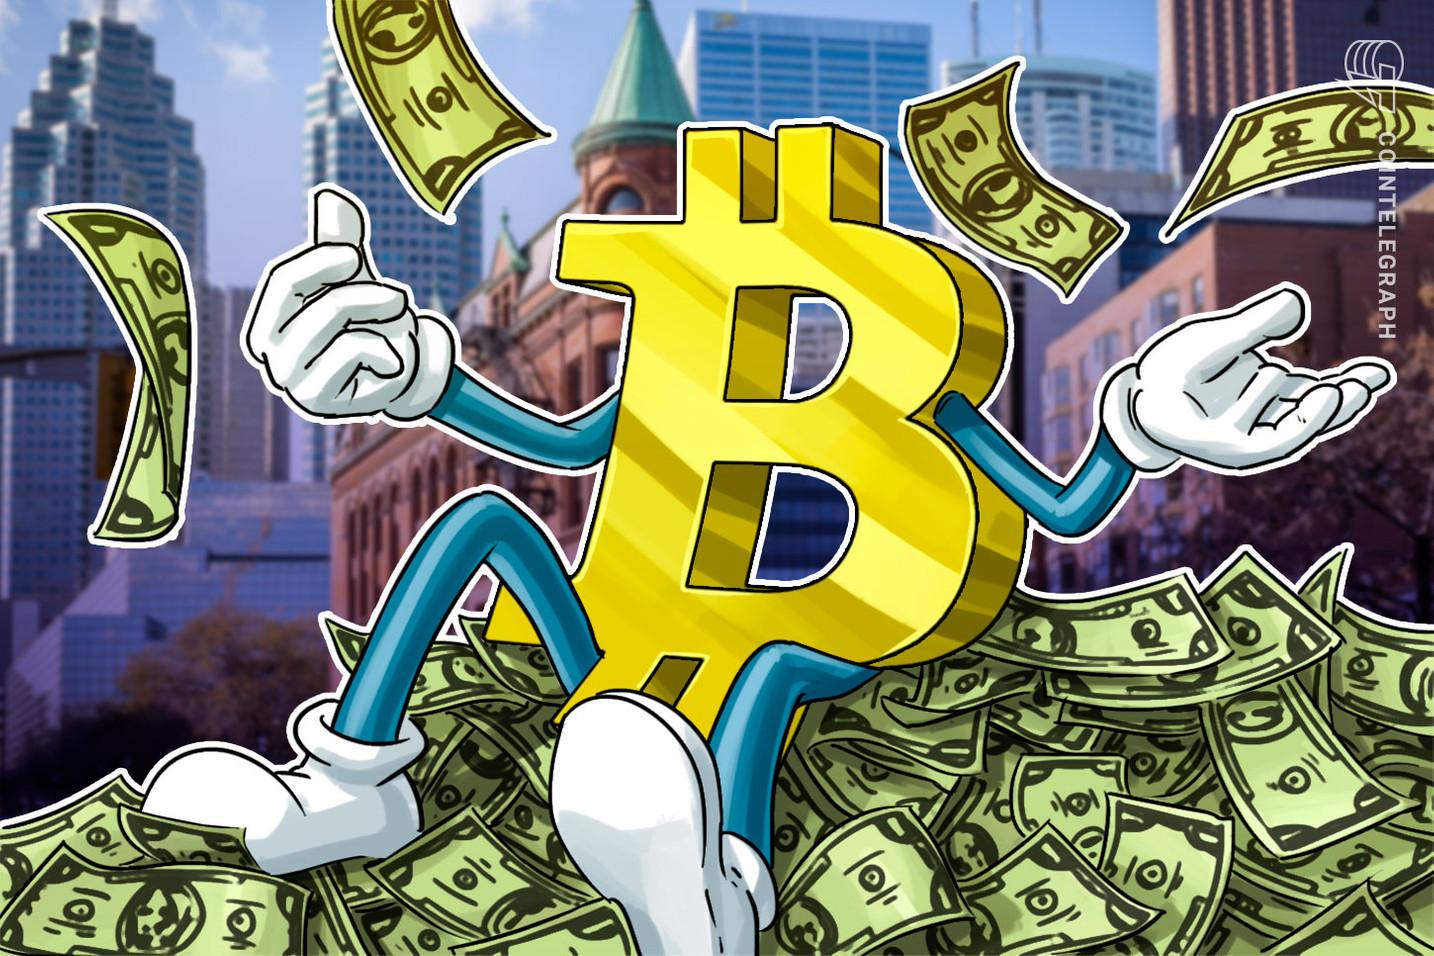 Bitcoin en $100K: ¿Es posible? ¿Cuándo, por qué y cómo?